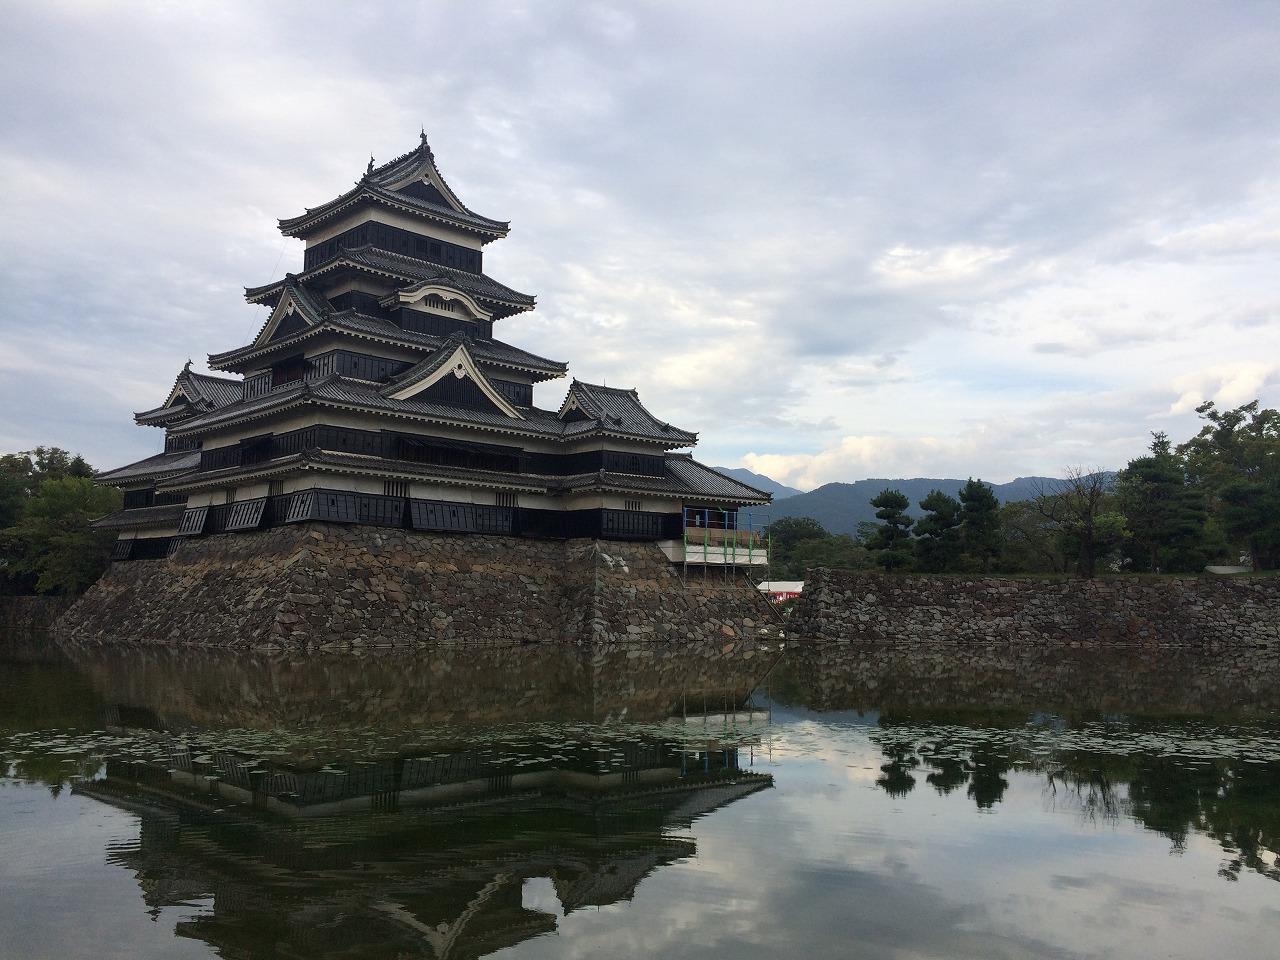 THE松本城